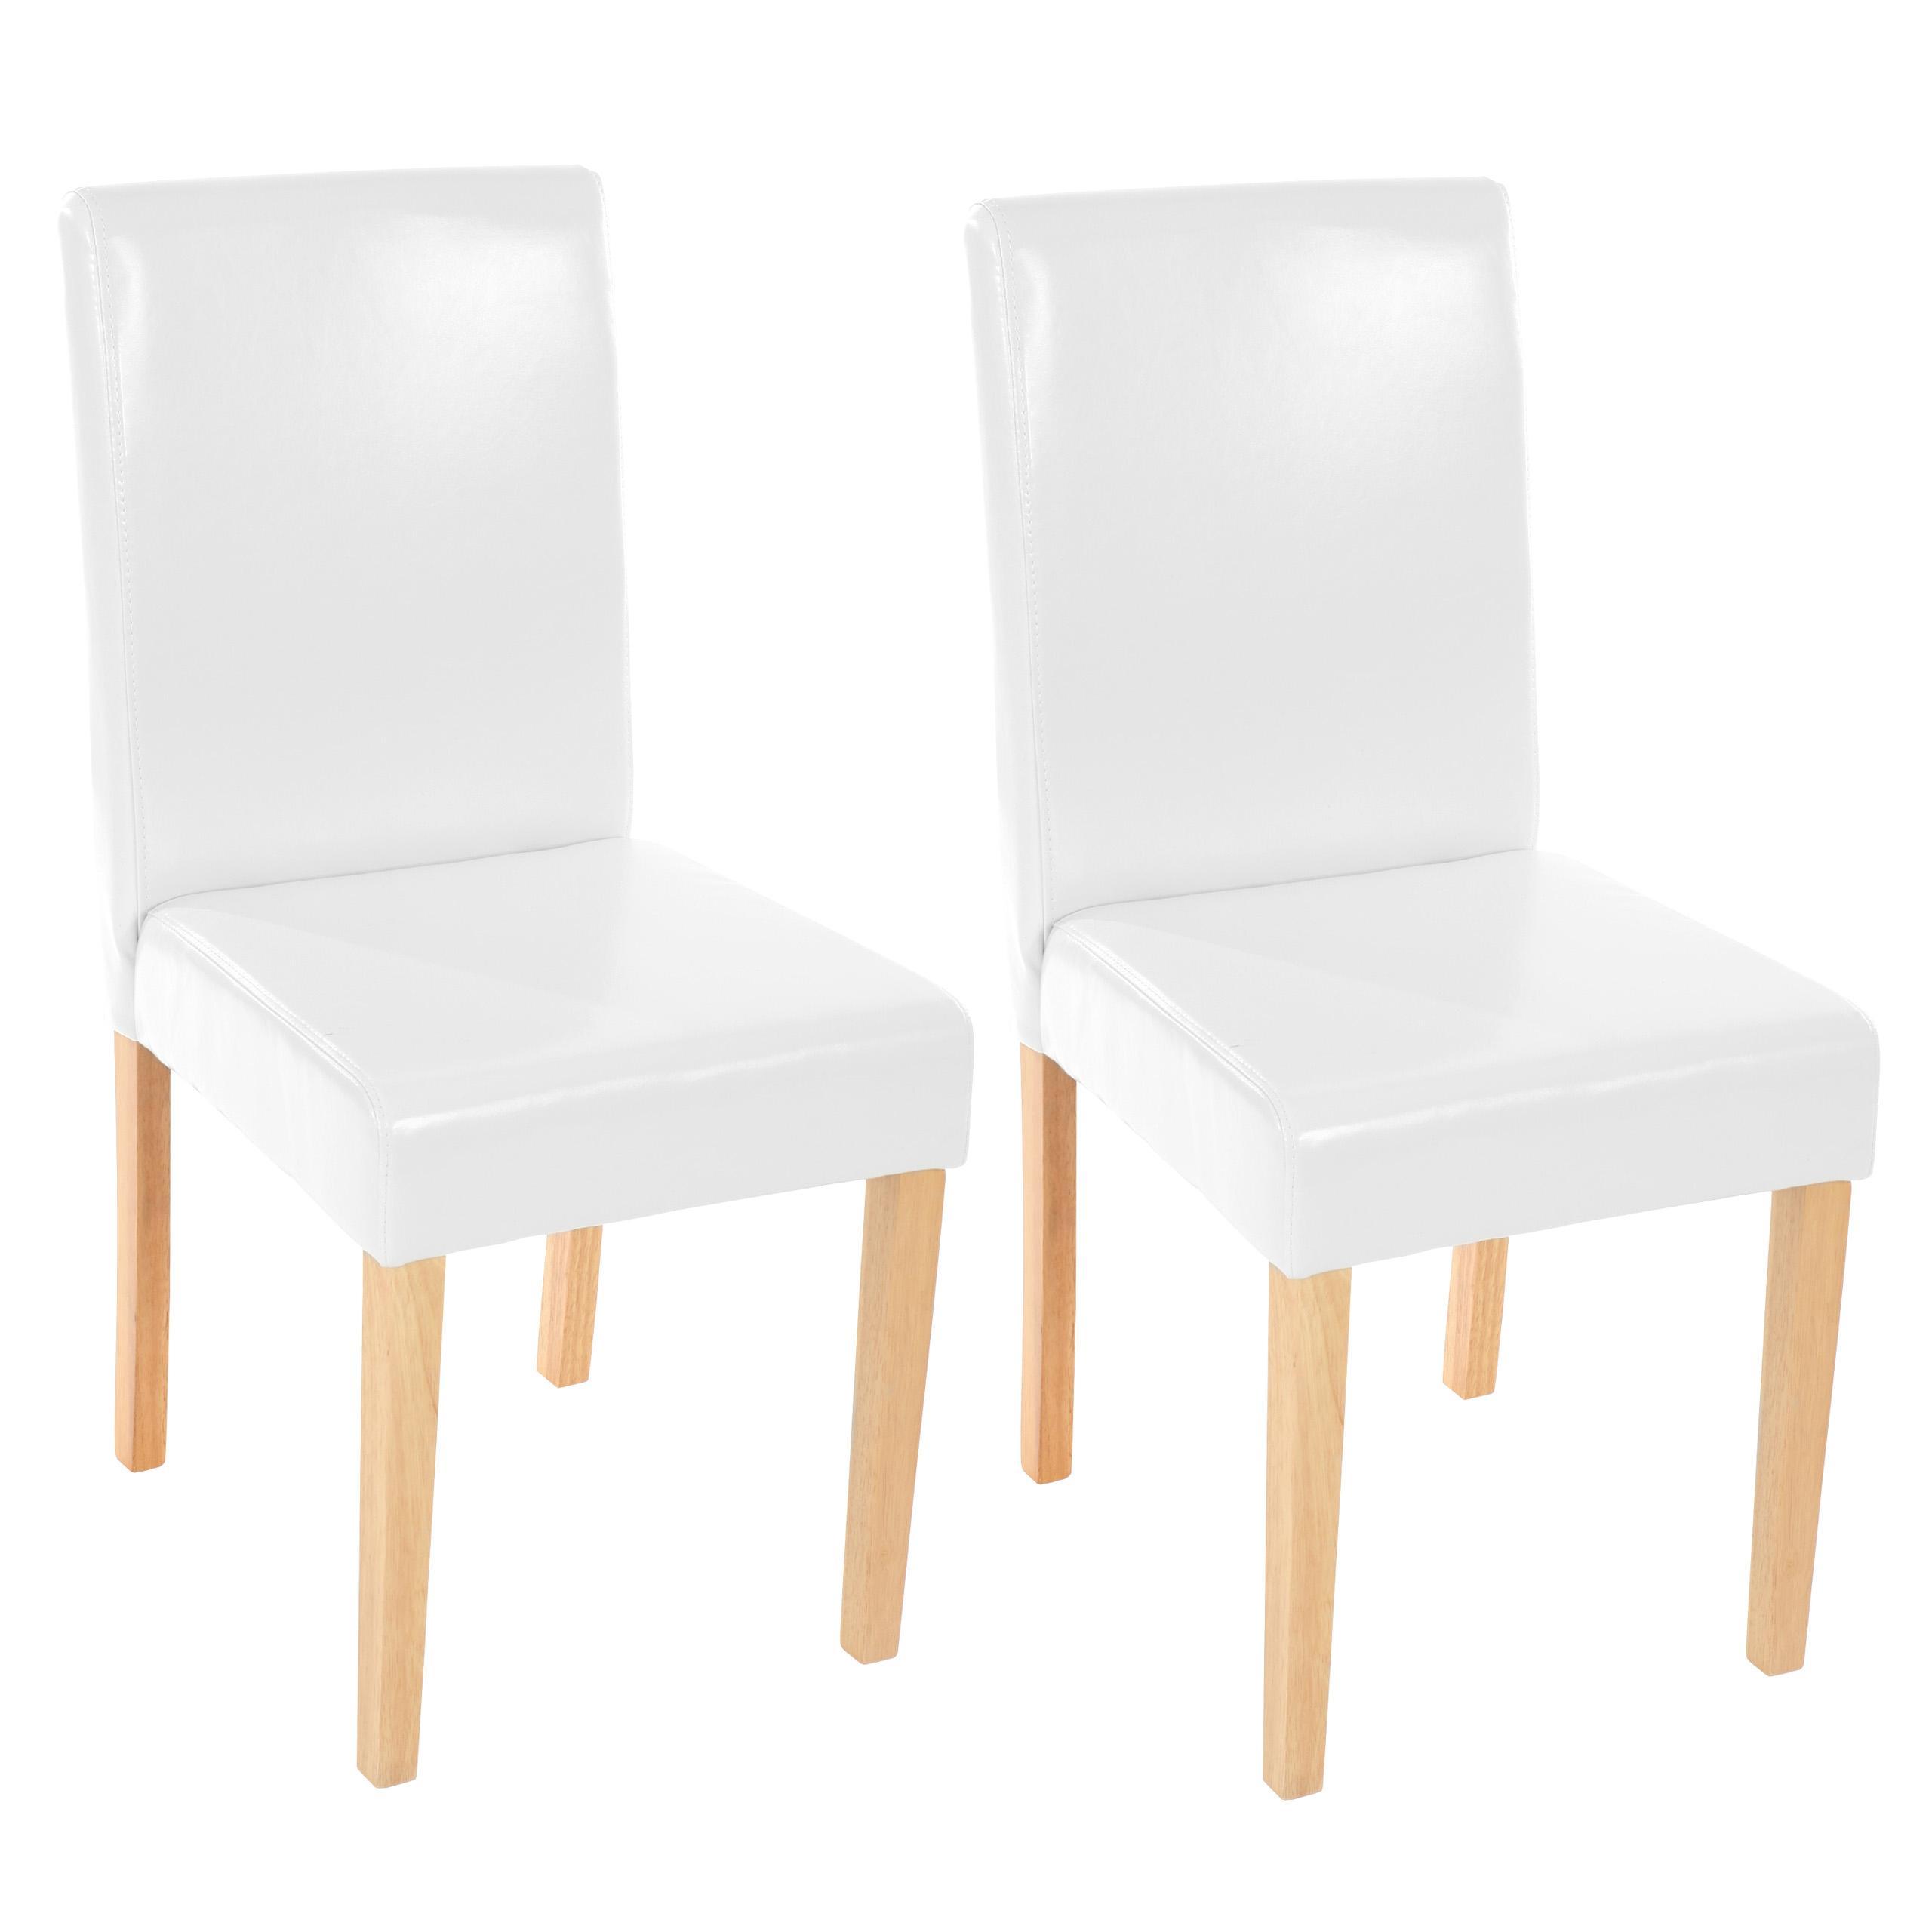 Conjunto 2 sillas comedor en blanco y madera lote 2 - Sillas comedor colores ...